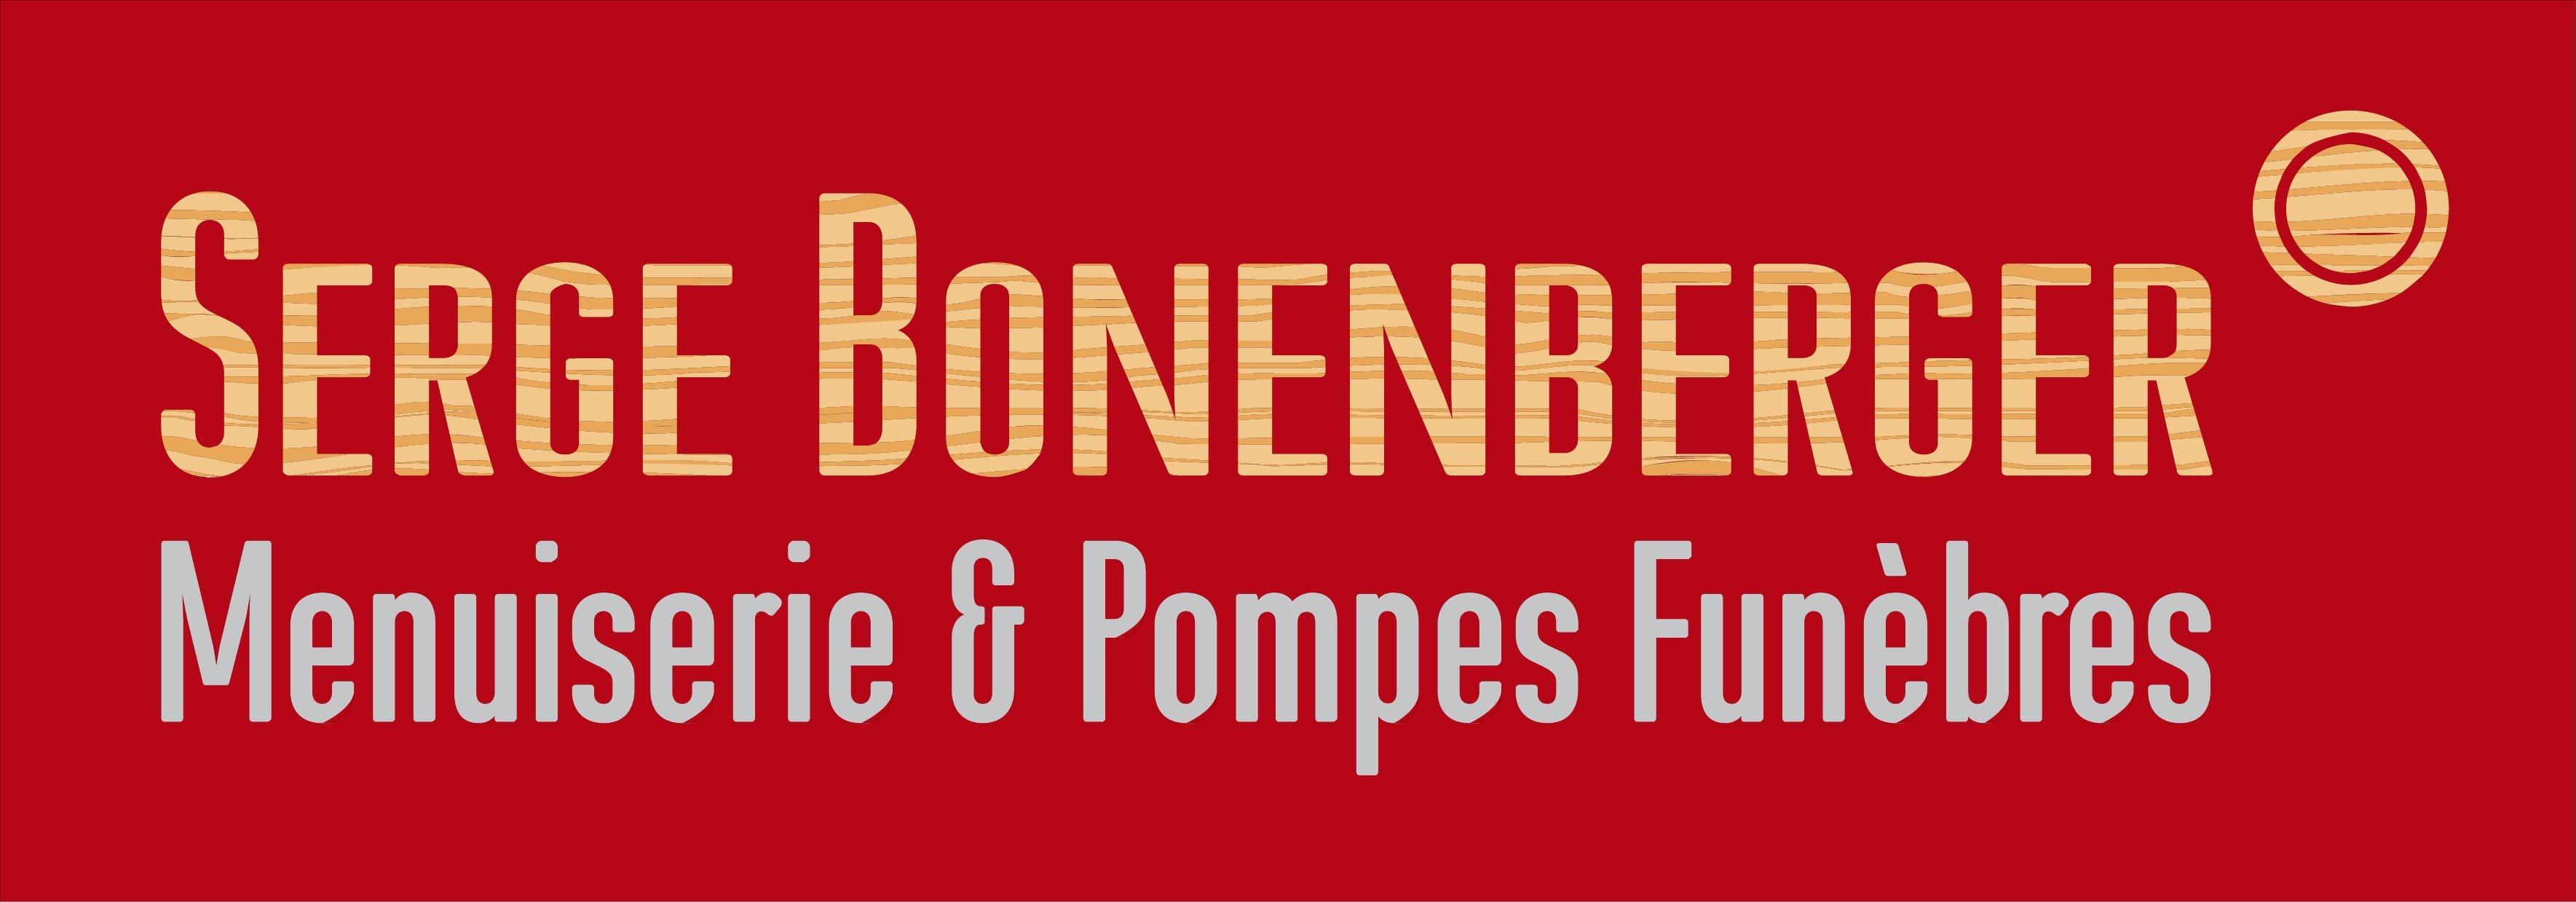 Bonenberger